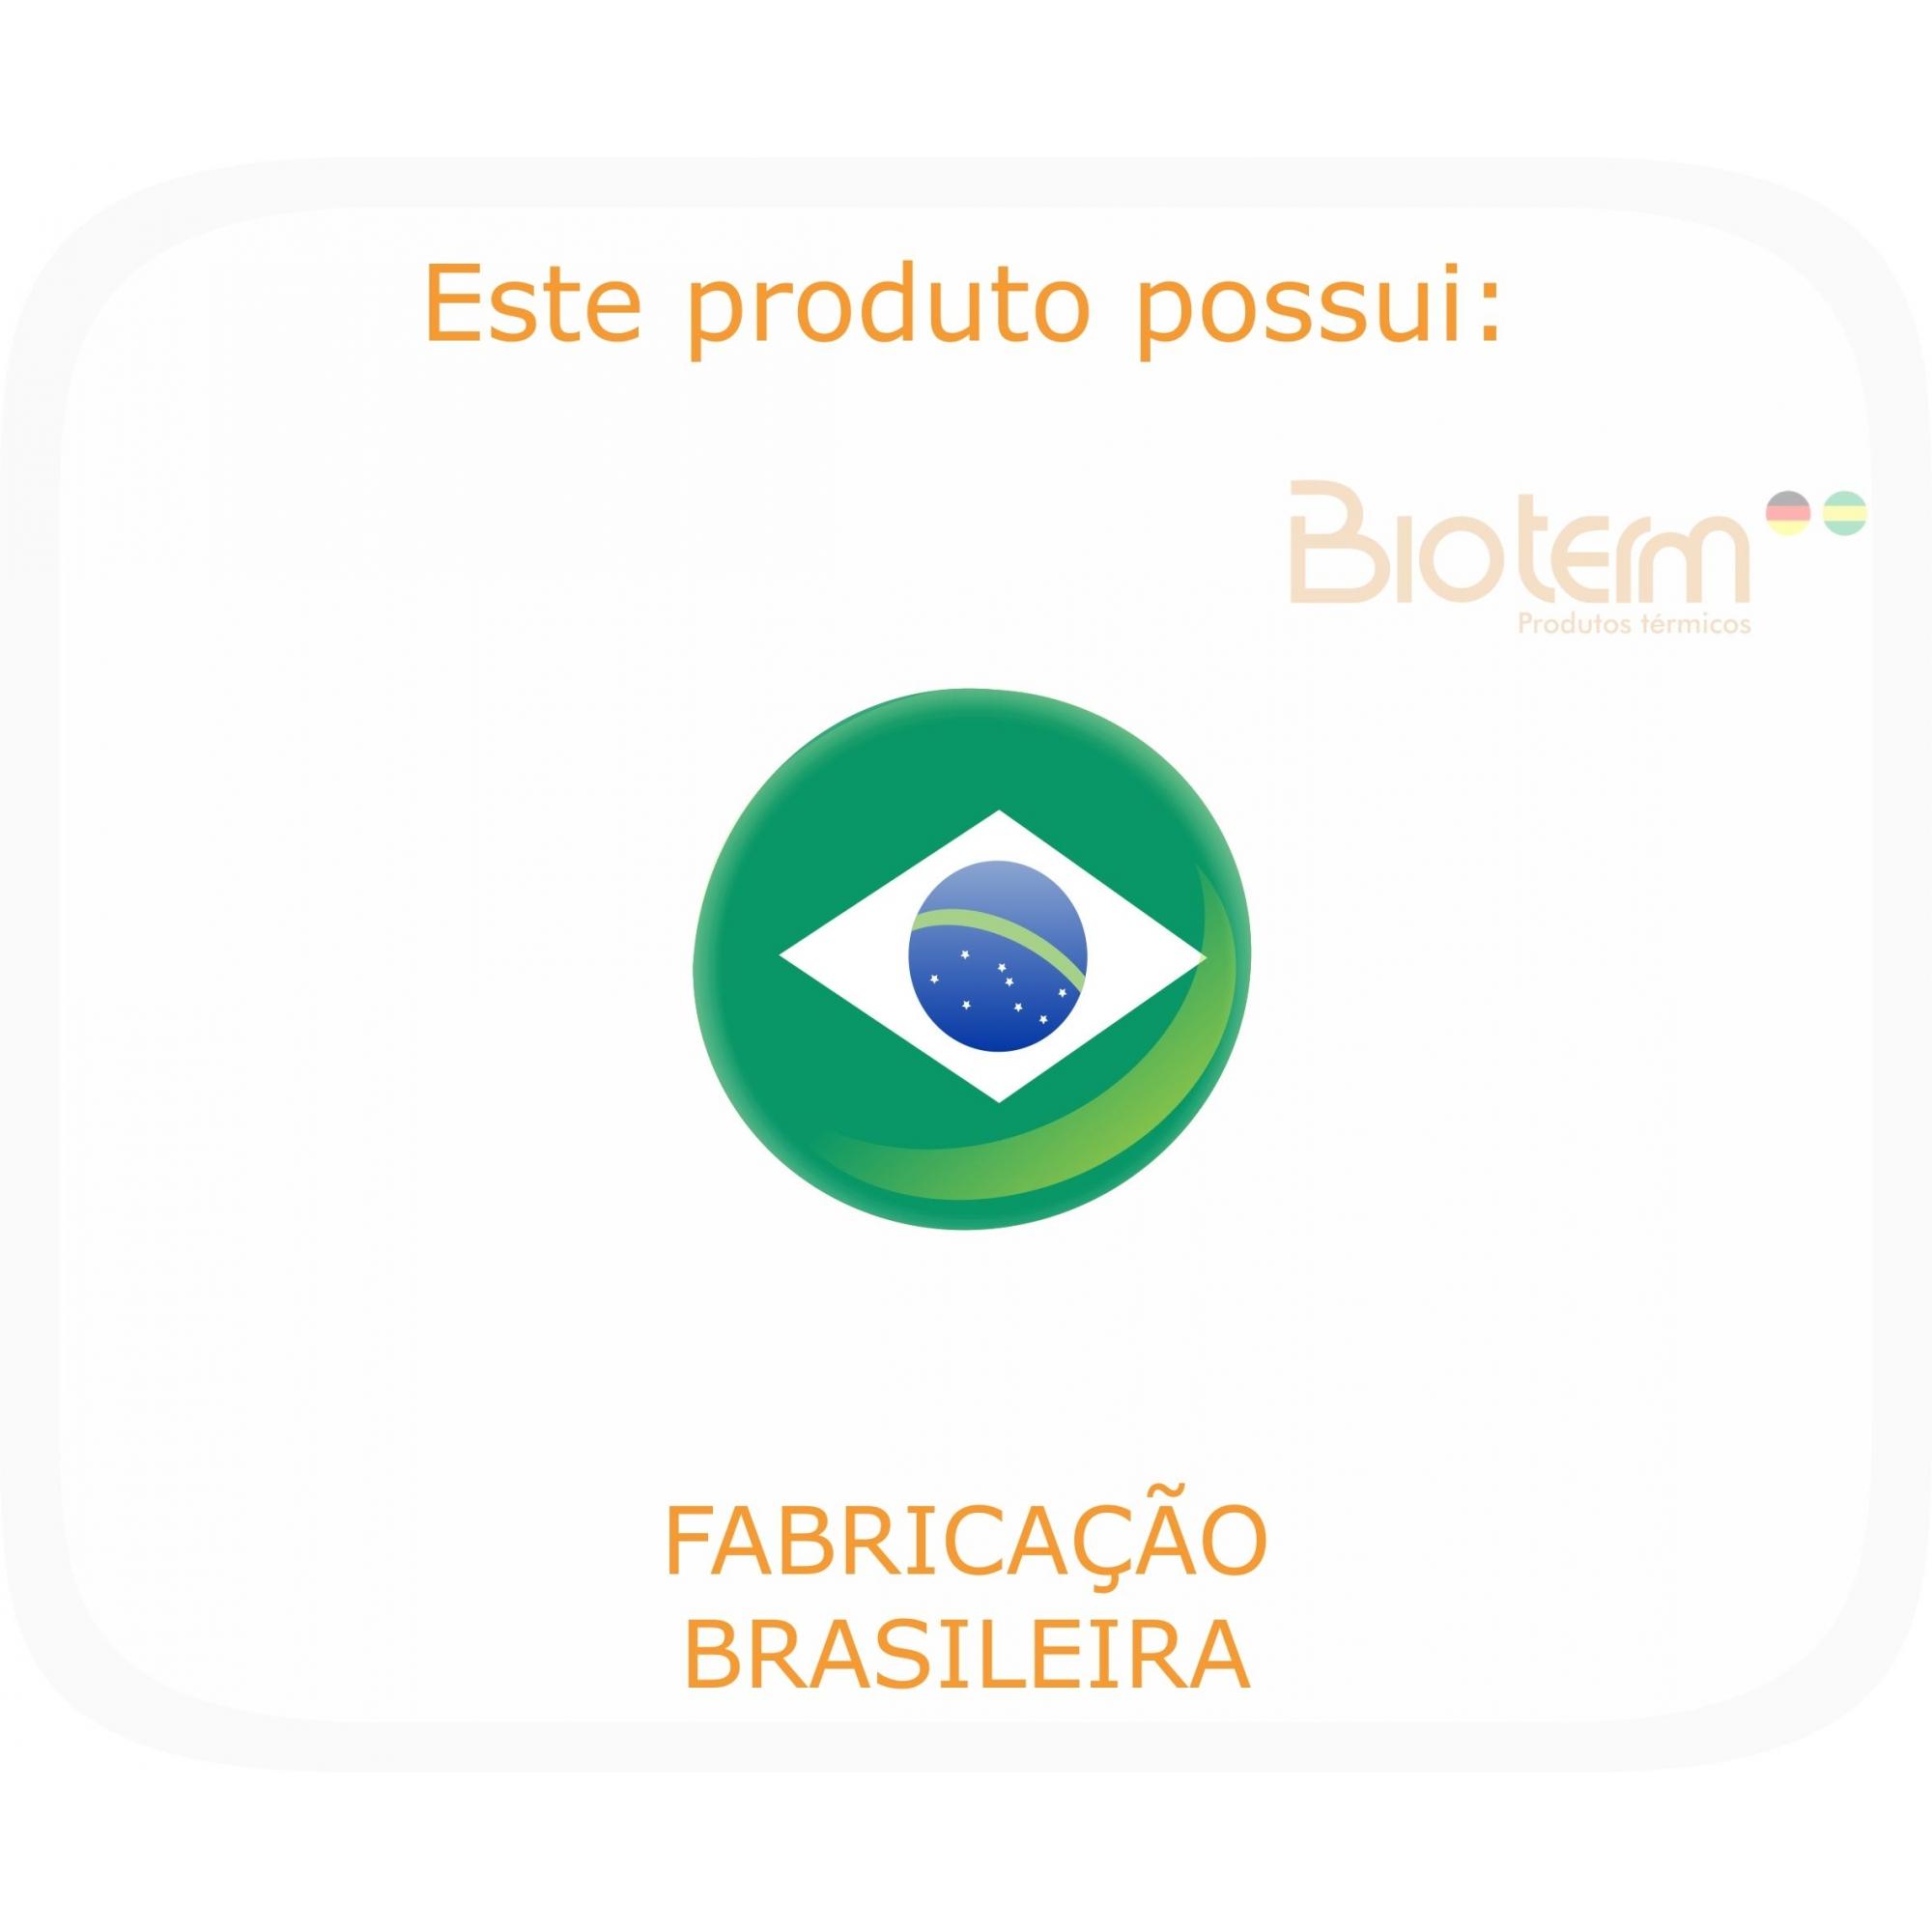 Faixa Térmica Massageadora Digital Bivolt Automática Bio Term